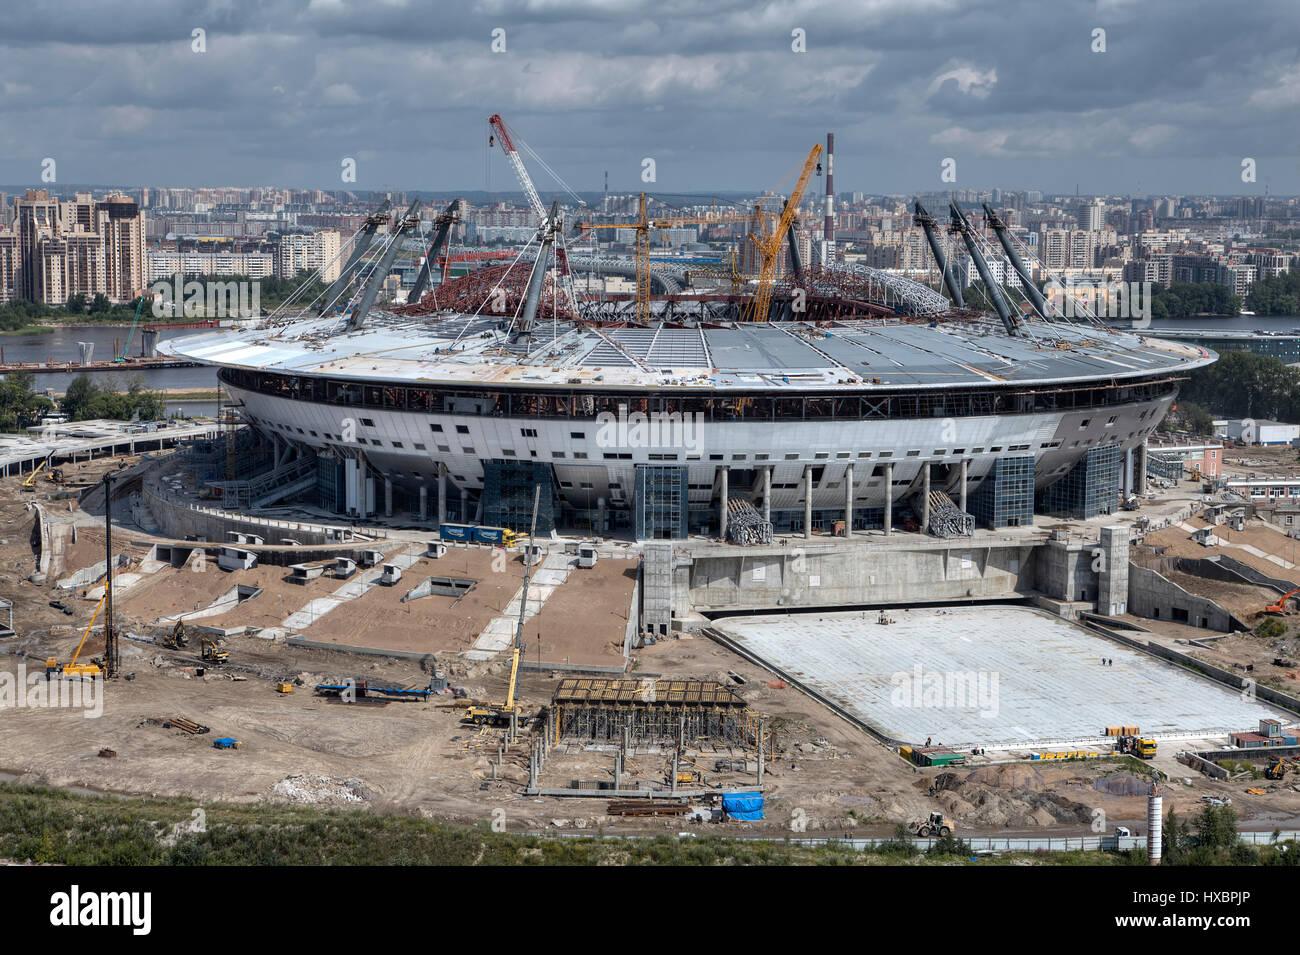 San Pietroburgo, Russia - Luglio 16, 2015: vista dall'alto del sito della costruzione di un impianto sportivo, Immagini Stock